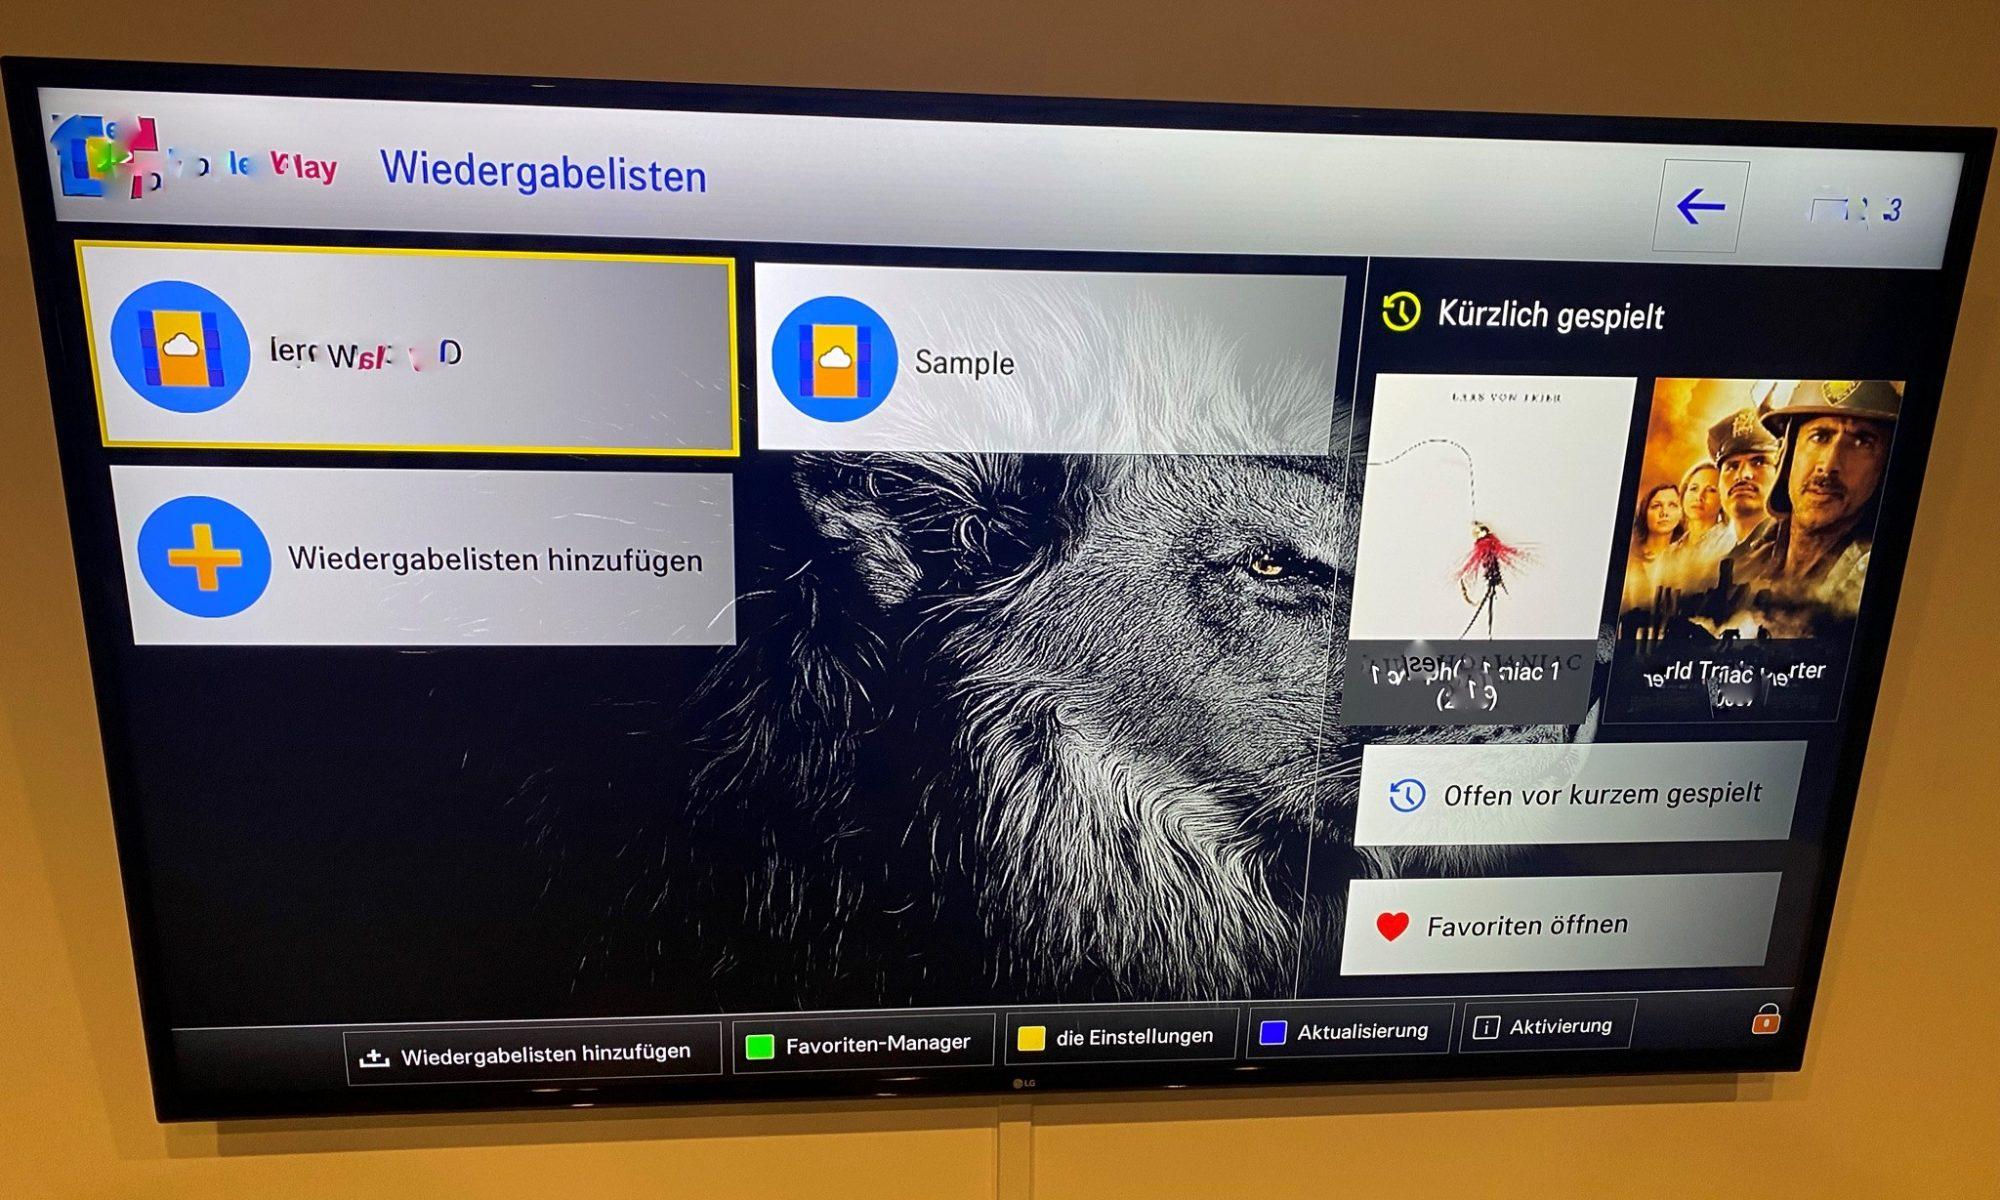 Osnabrücker Staatsanwaltschaft und Polizei zerschlagen Ring um illegale Pay-TV Plattform - Schaden liegt bei über einer Million Euro